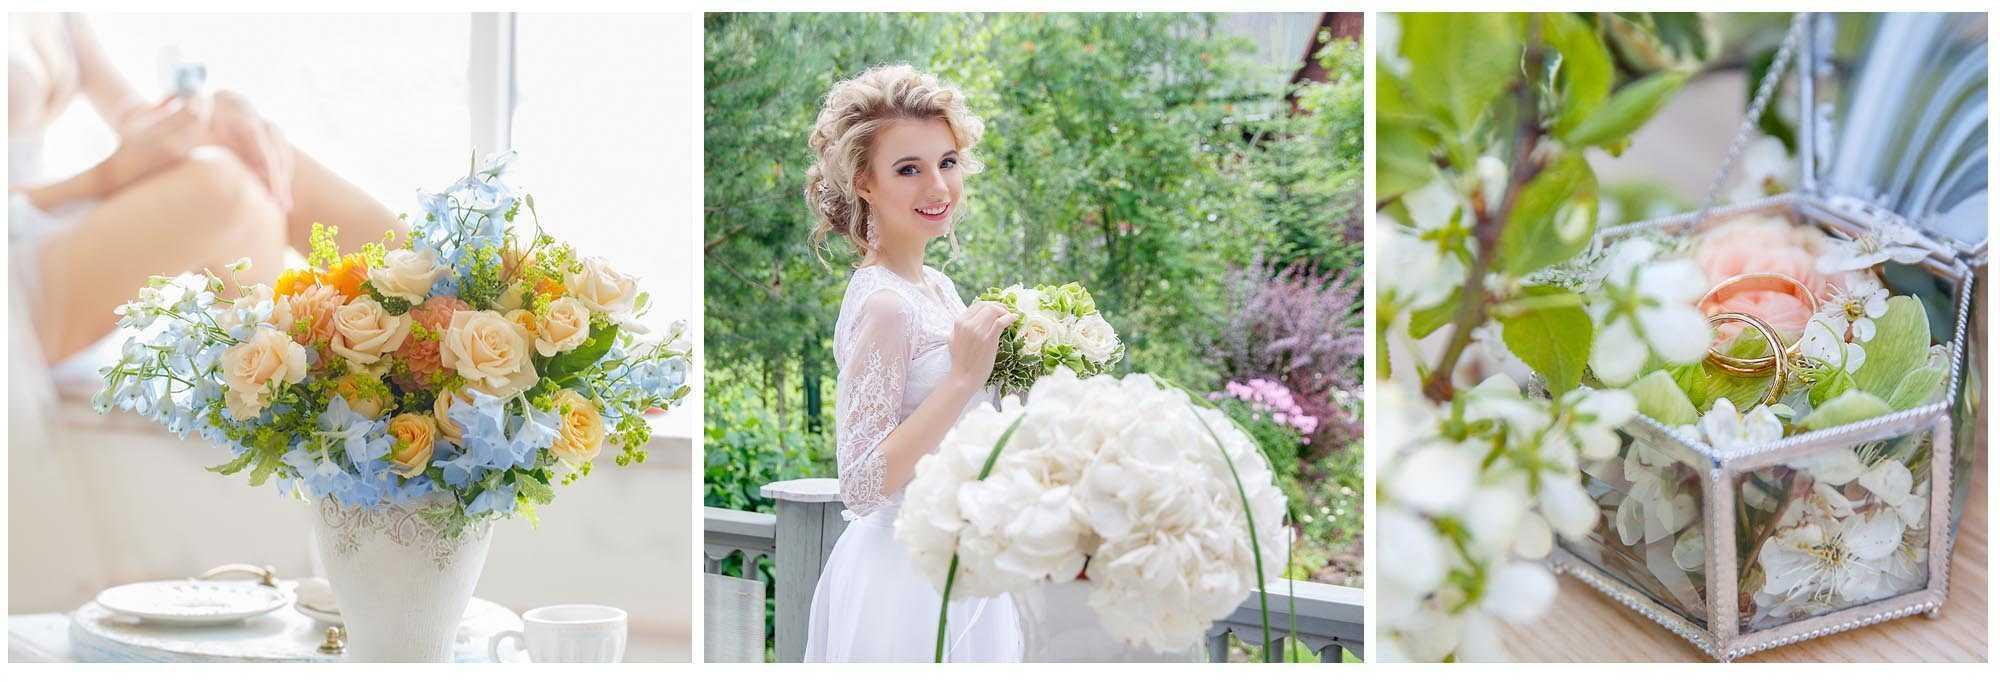 Организация свадьбы фото Алексей Никольский